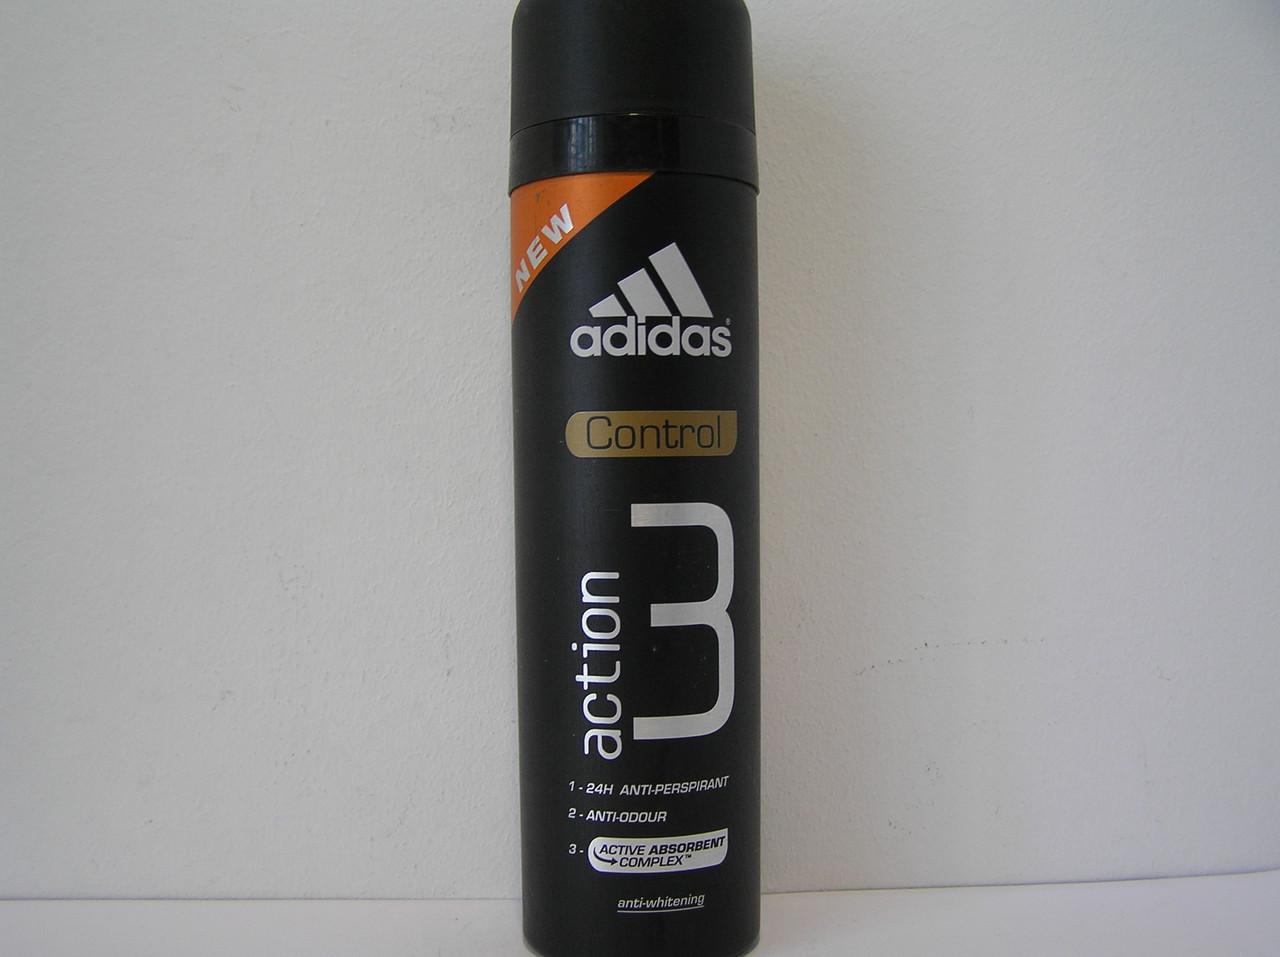 Аэрозольный мужской дезодорант Adidas Action 3 Pro Control 150 мл. (Адидас Спорт Филд)